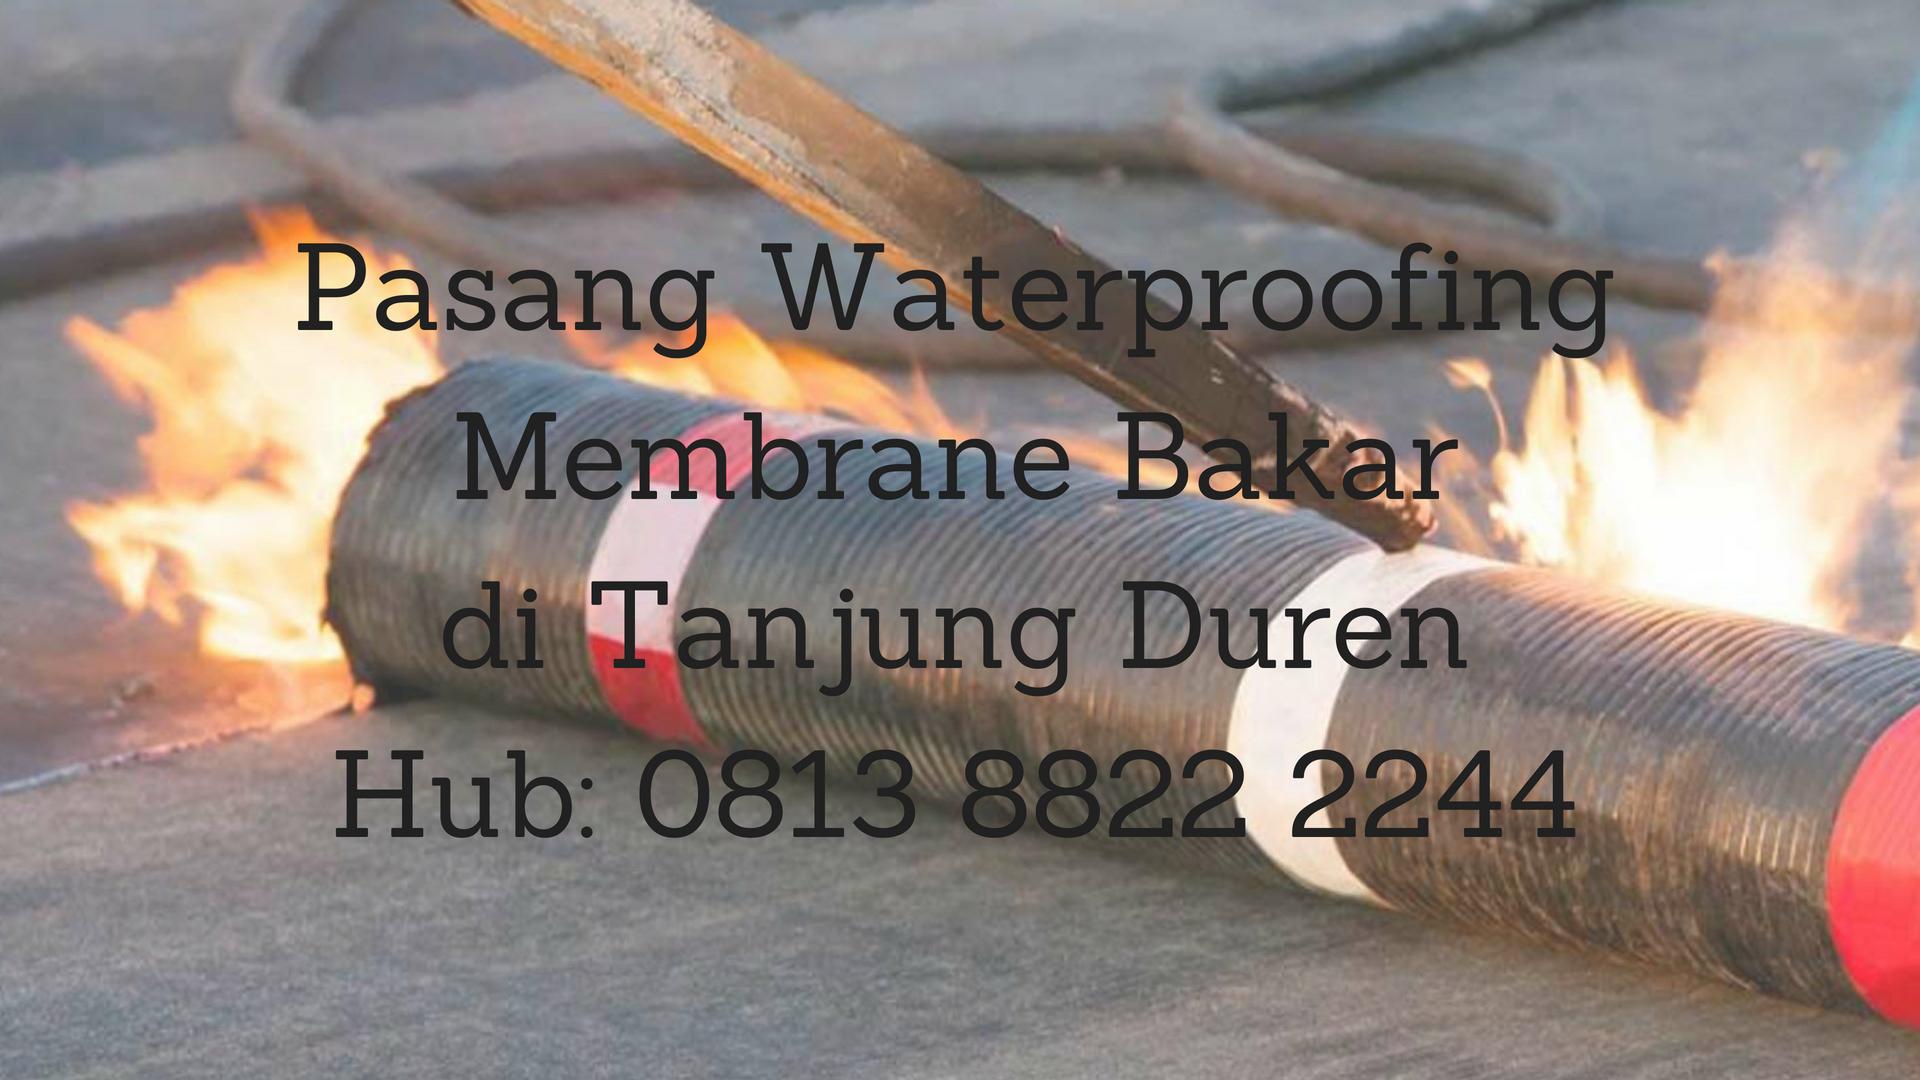 PASANG WATERPROOFING MEMBRANE BAKAR DI TANJUNG DUREN.  HUB : 0813 8822 2244